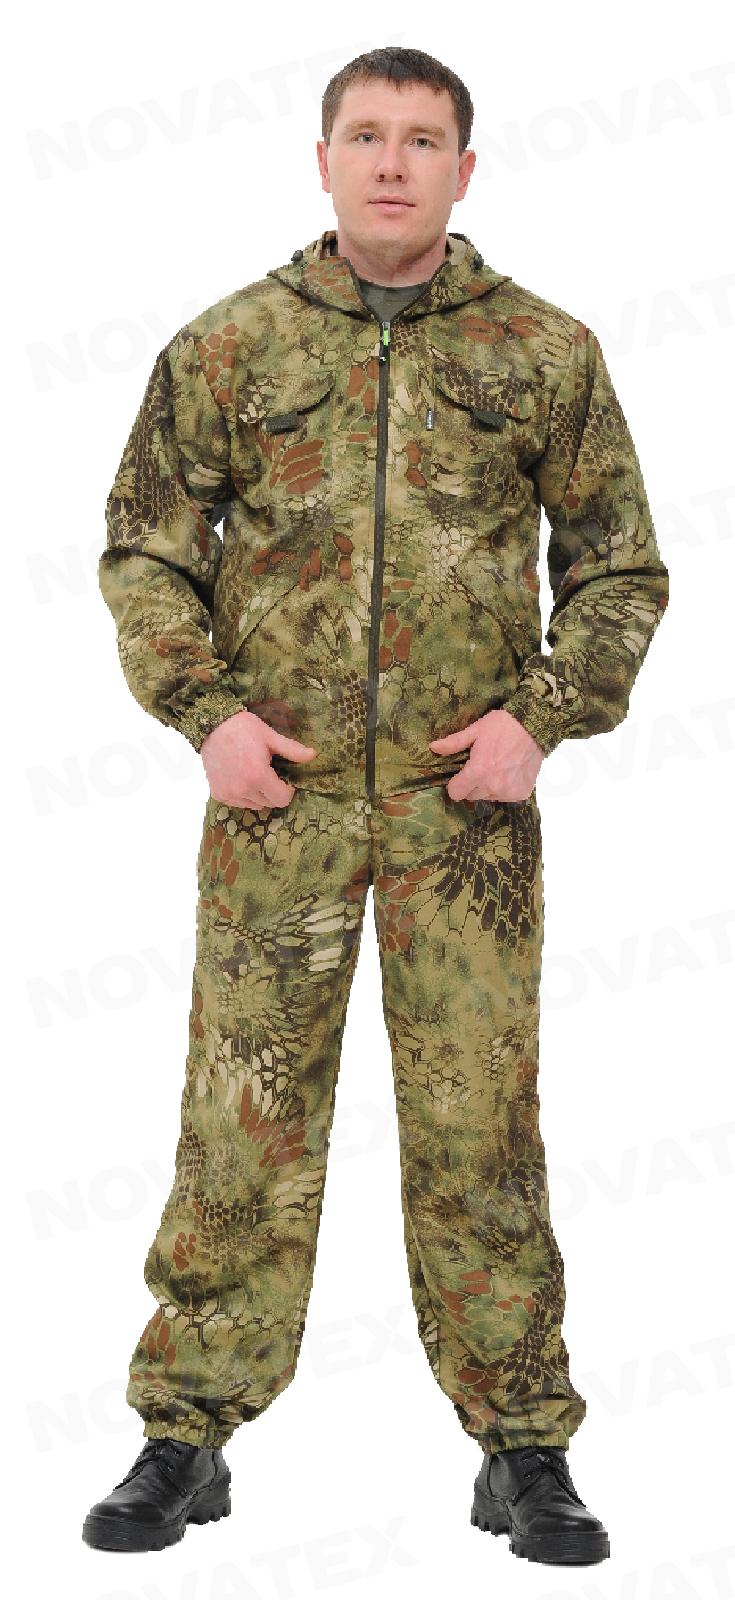 Костюм «Питон» (смесовая, питон) КВЕСТ (56-58 Костюмы неутепленные<br>Костюм «Питон» (ТМ КВЕСТ) от компании Novatex <br>относится к линейке летних универсальных <br>костюмов. Для пошива используется легкая <br>смесовая ткань, в состав которой входитхлопок <br>и полиэстр. Костюм «Питон» состоит из укороченной <br>куртки и брюк. Благодаря содержанию полиэстра <br>костюм отлично держит форму, не мнется и <br>обладает повышенными износостойкими качествами. <br>На куртке два нагрудных кармана на липучке <br>и два кармана с листочками. Низ куртки частично <br>собран на резинку. Капюшон утягивается <br>по овалу лица. Брюки прямого кроя. Низ брюк <br>и талия собраны на резинку, и дополнительно <br>имеются шлевки под ремень. Два косых кармана. <br>Костюм «Питон» - отличный выбор для охоты, <br>рыбалки и активного отдыха.<br><br>Пол: мужской<br>Размер: 56-58<br>Рост: 182-188<br>Сезон: лето<br>Цвет: коричневый